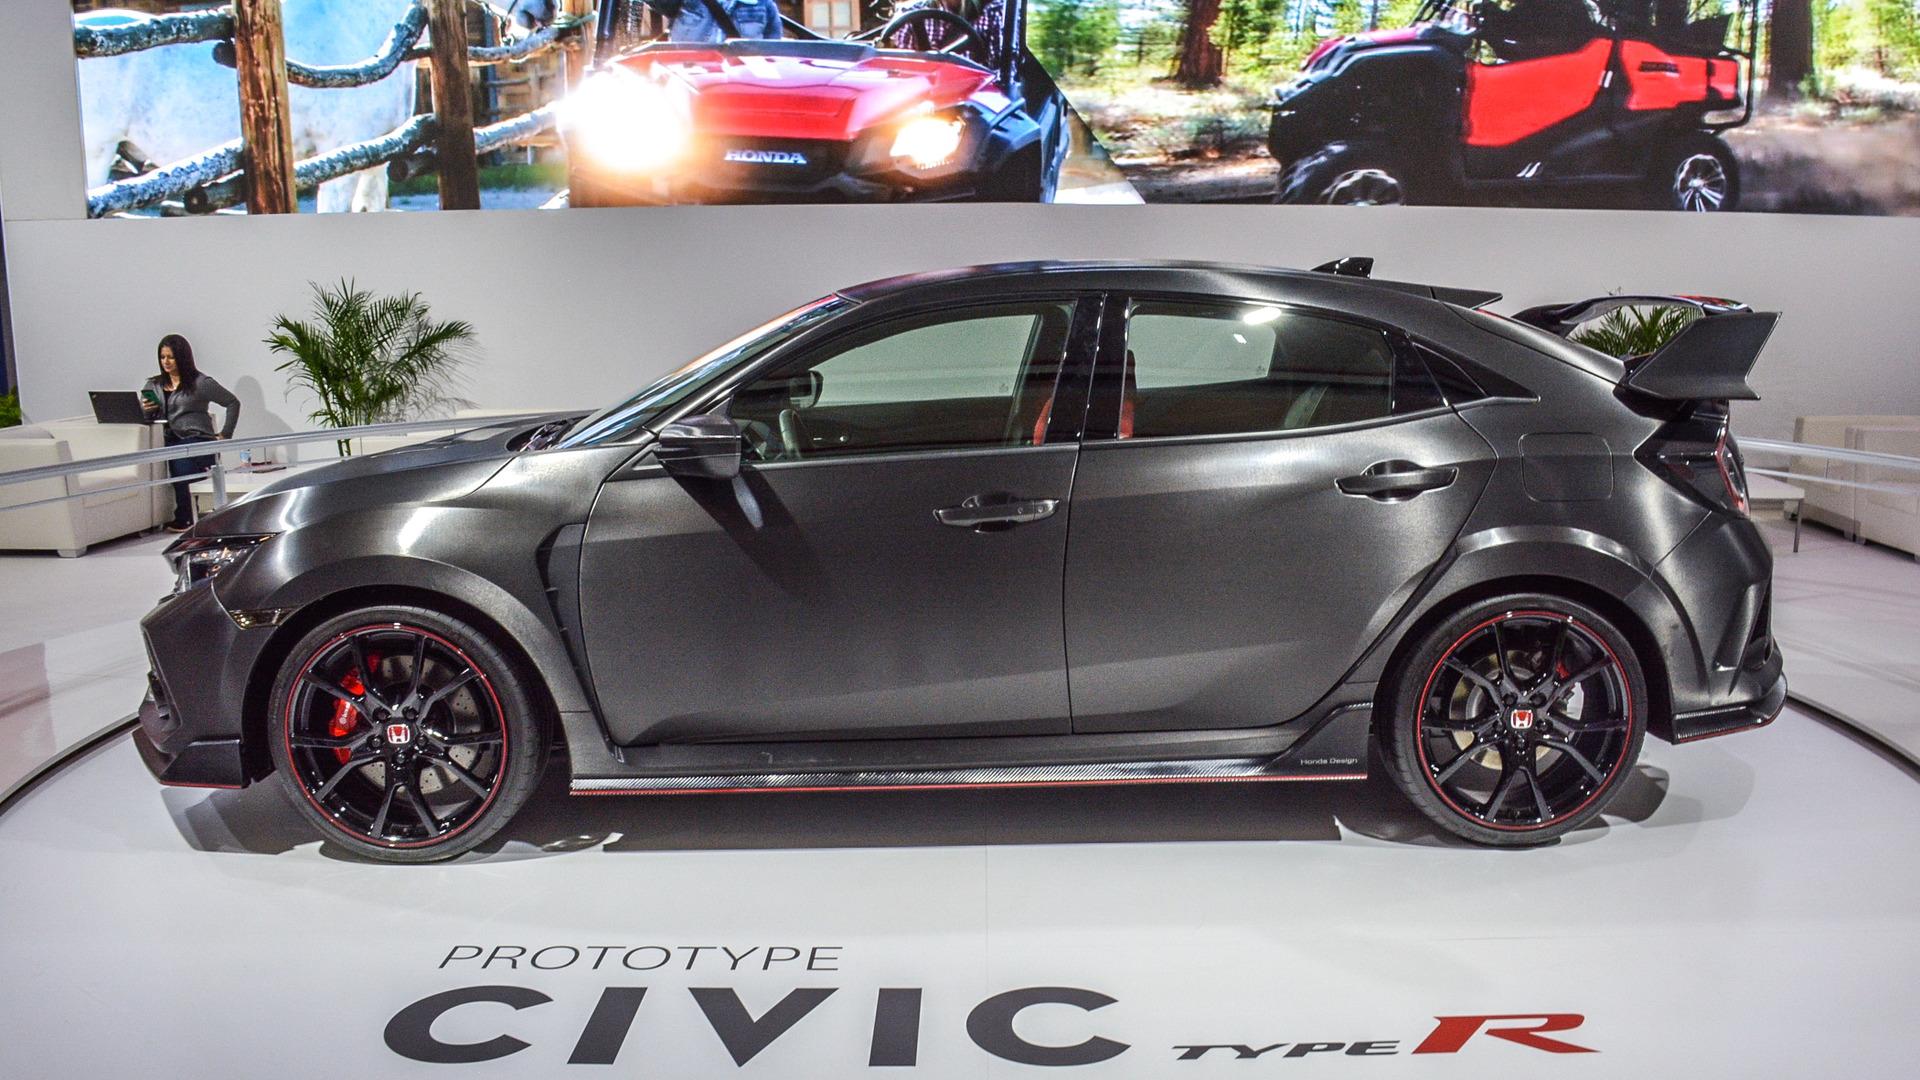 770+ Modifikasi Mobil Civic 2017 Terbaik